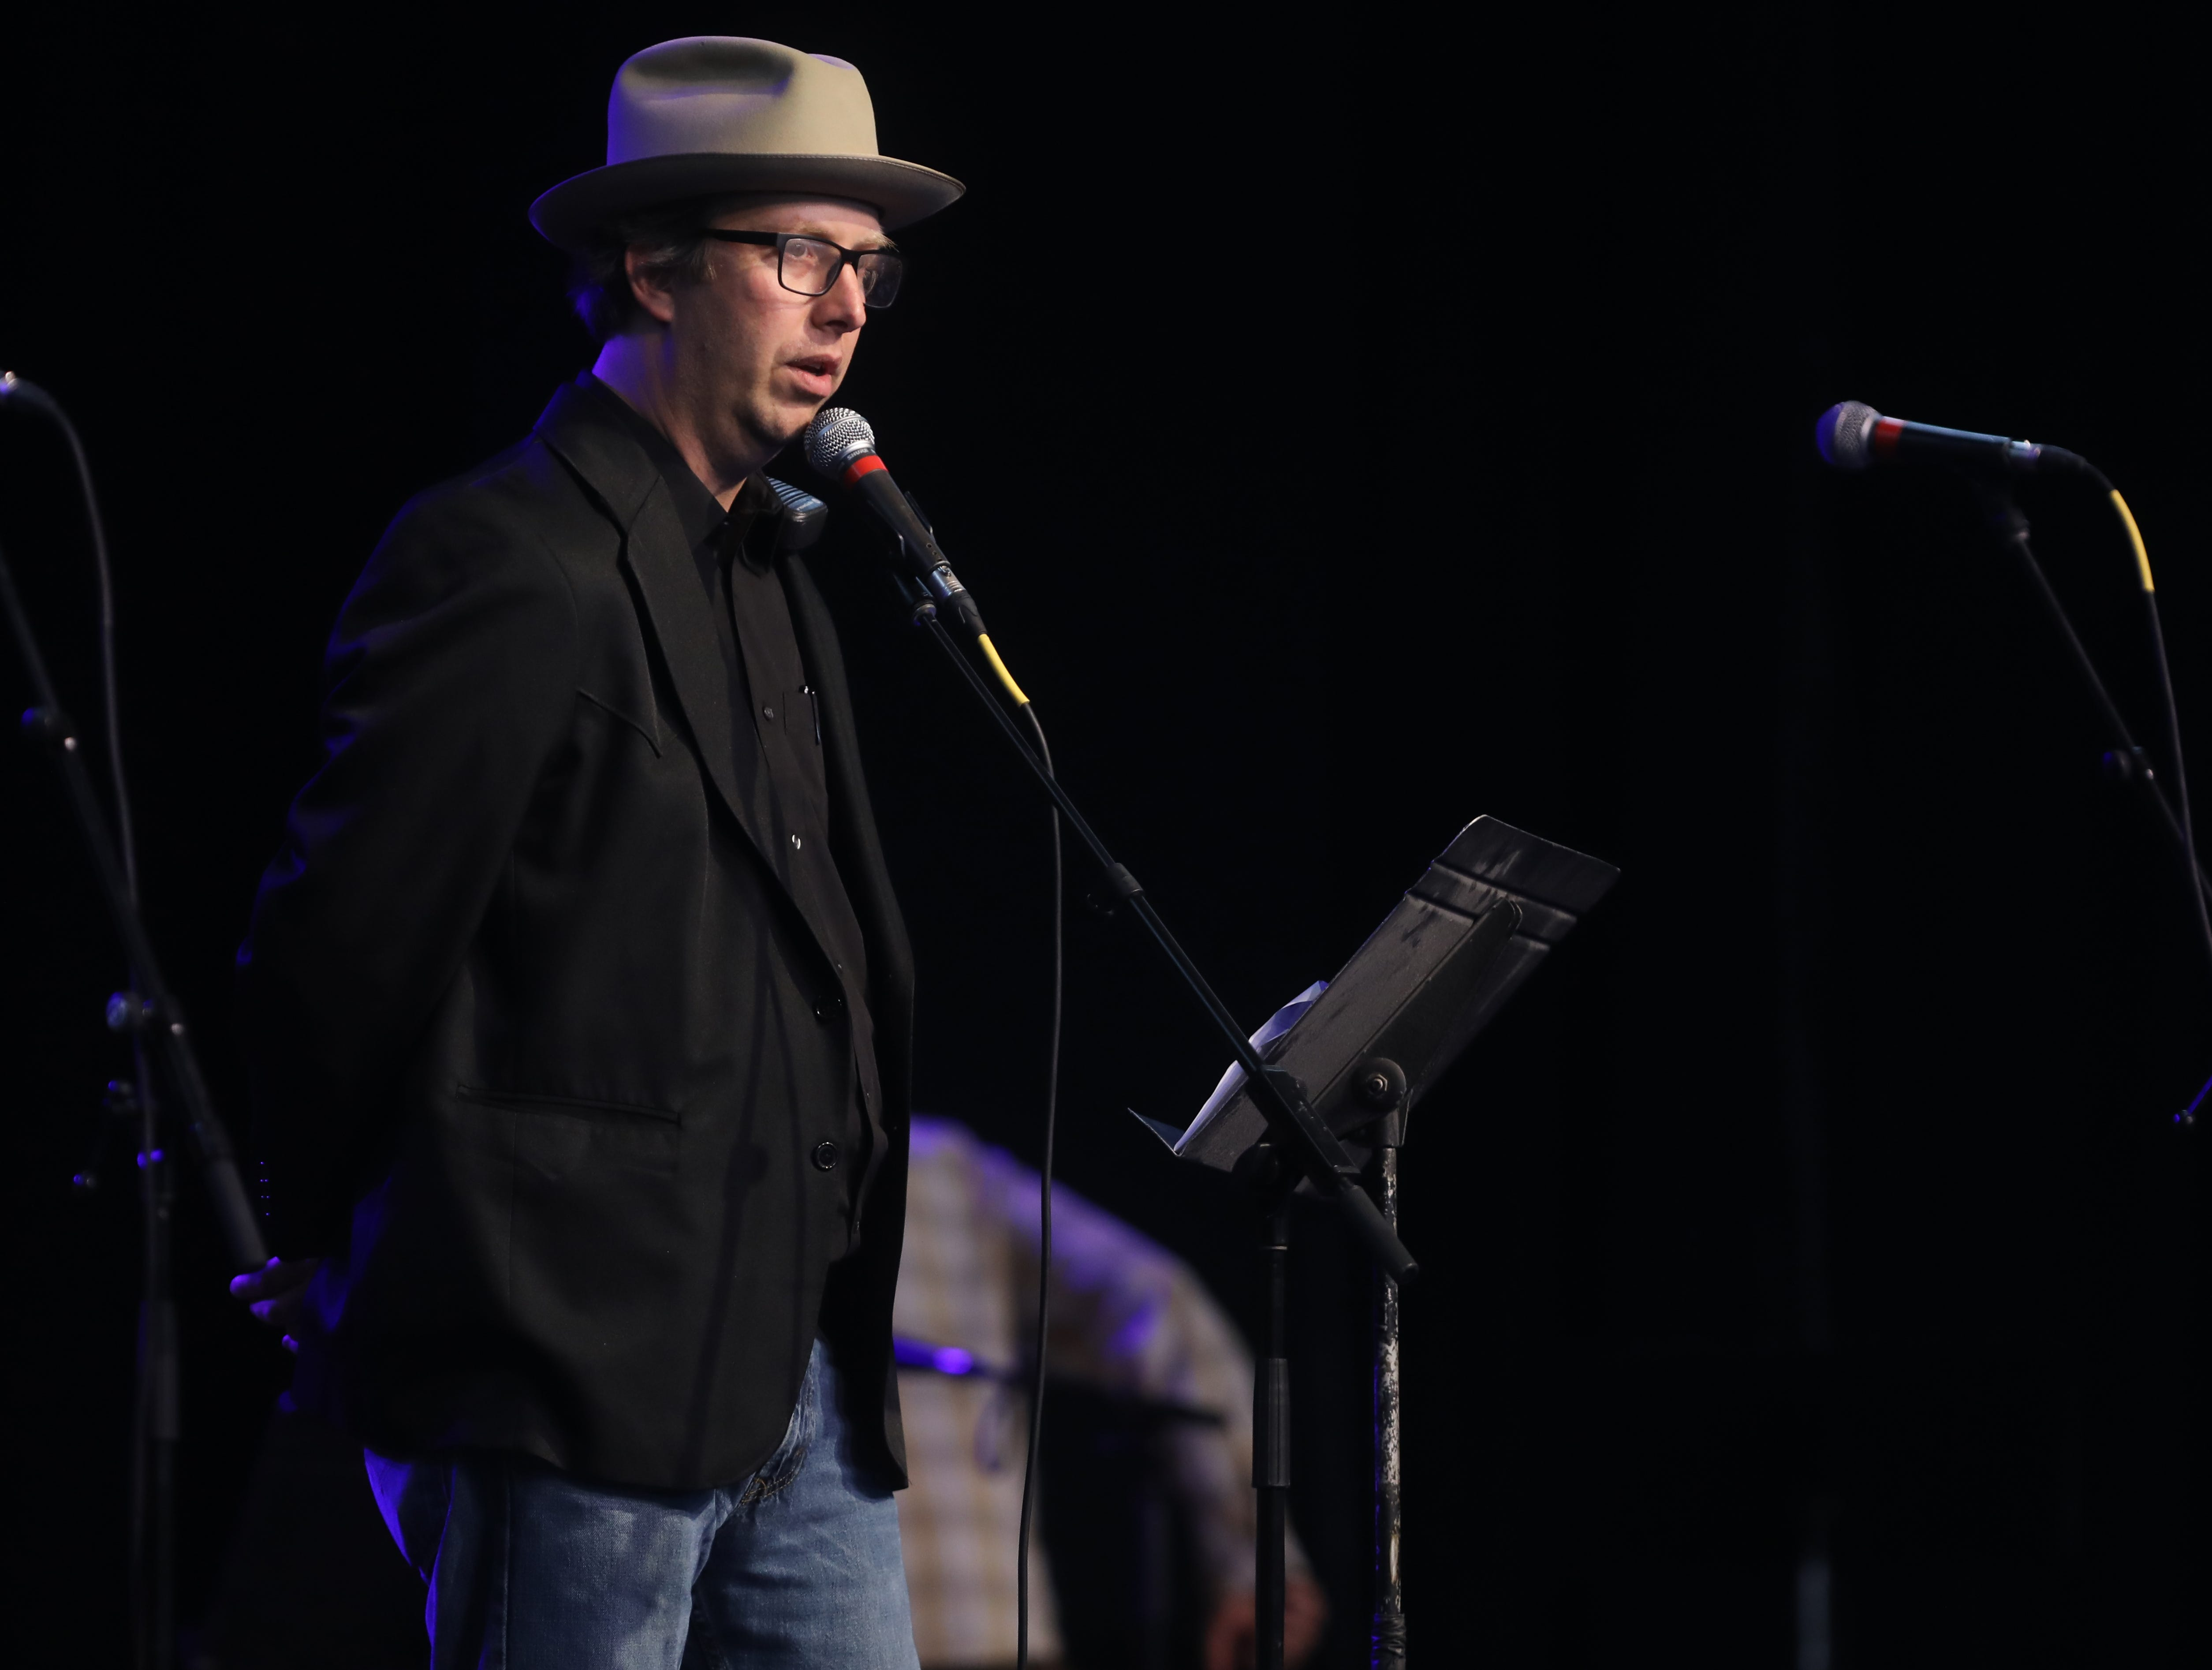 Jordan Powell speaks during a Celebration of Life service held for singer-songwriter Tony Joe White at Marathon Music Works Wednesday, October 31, 2018.